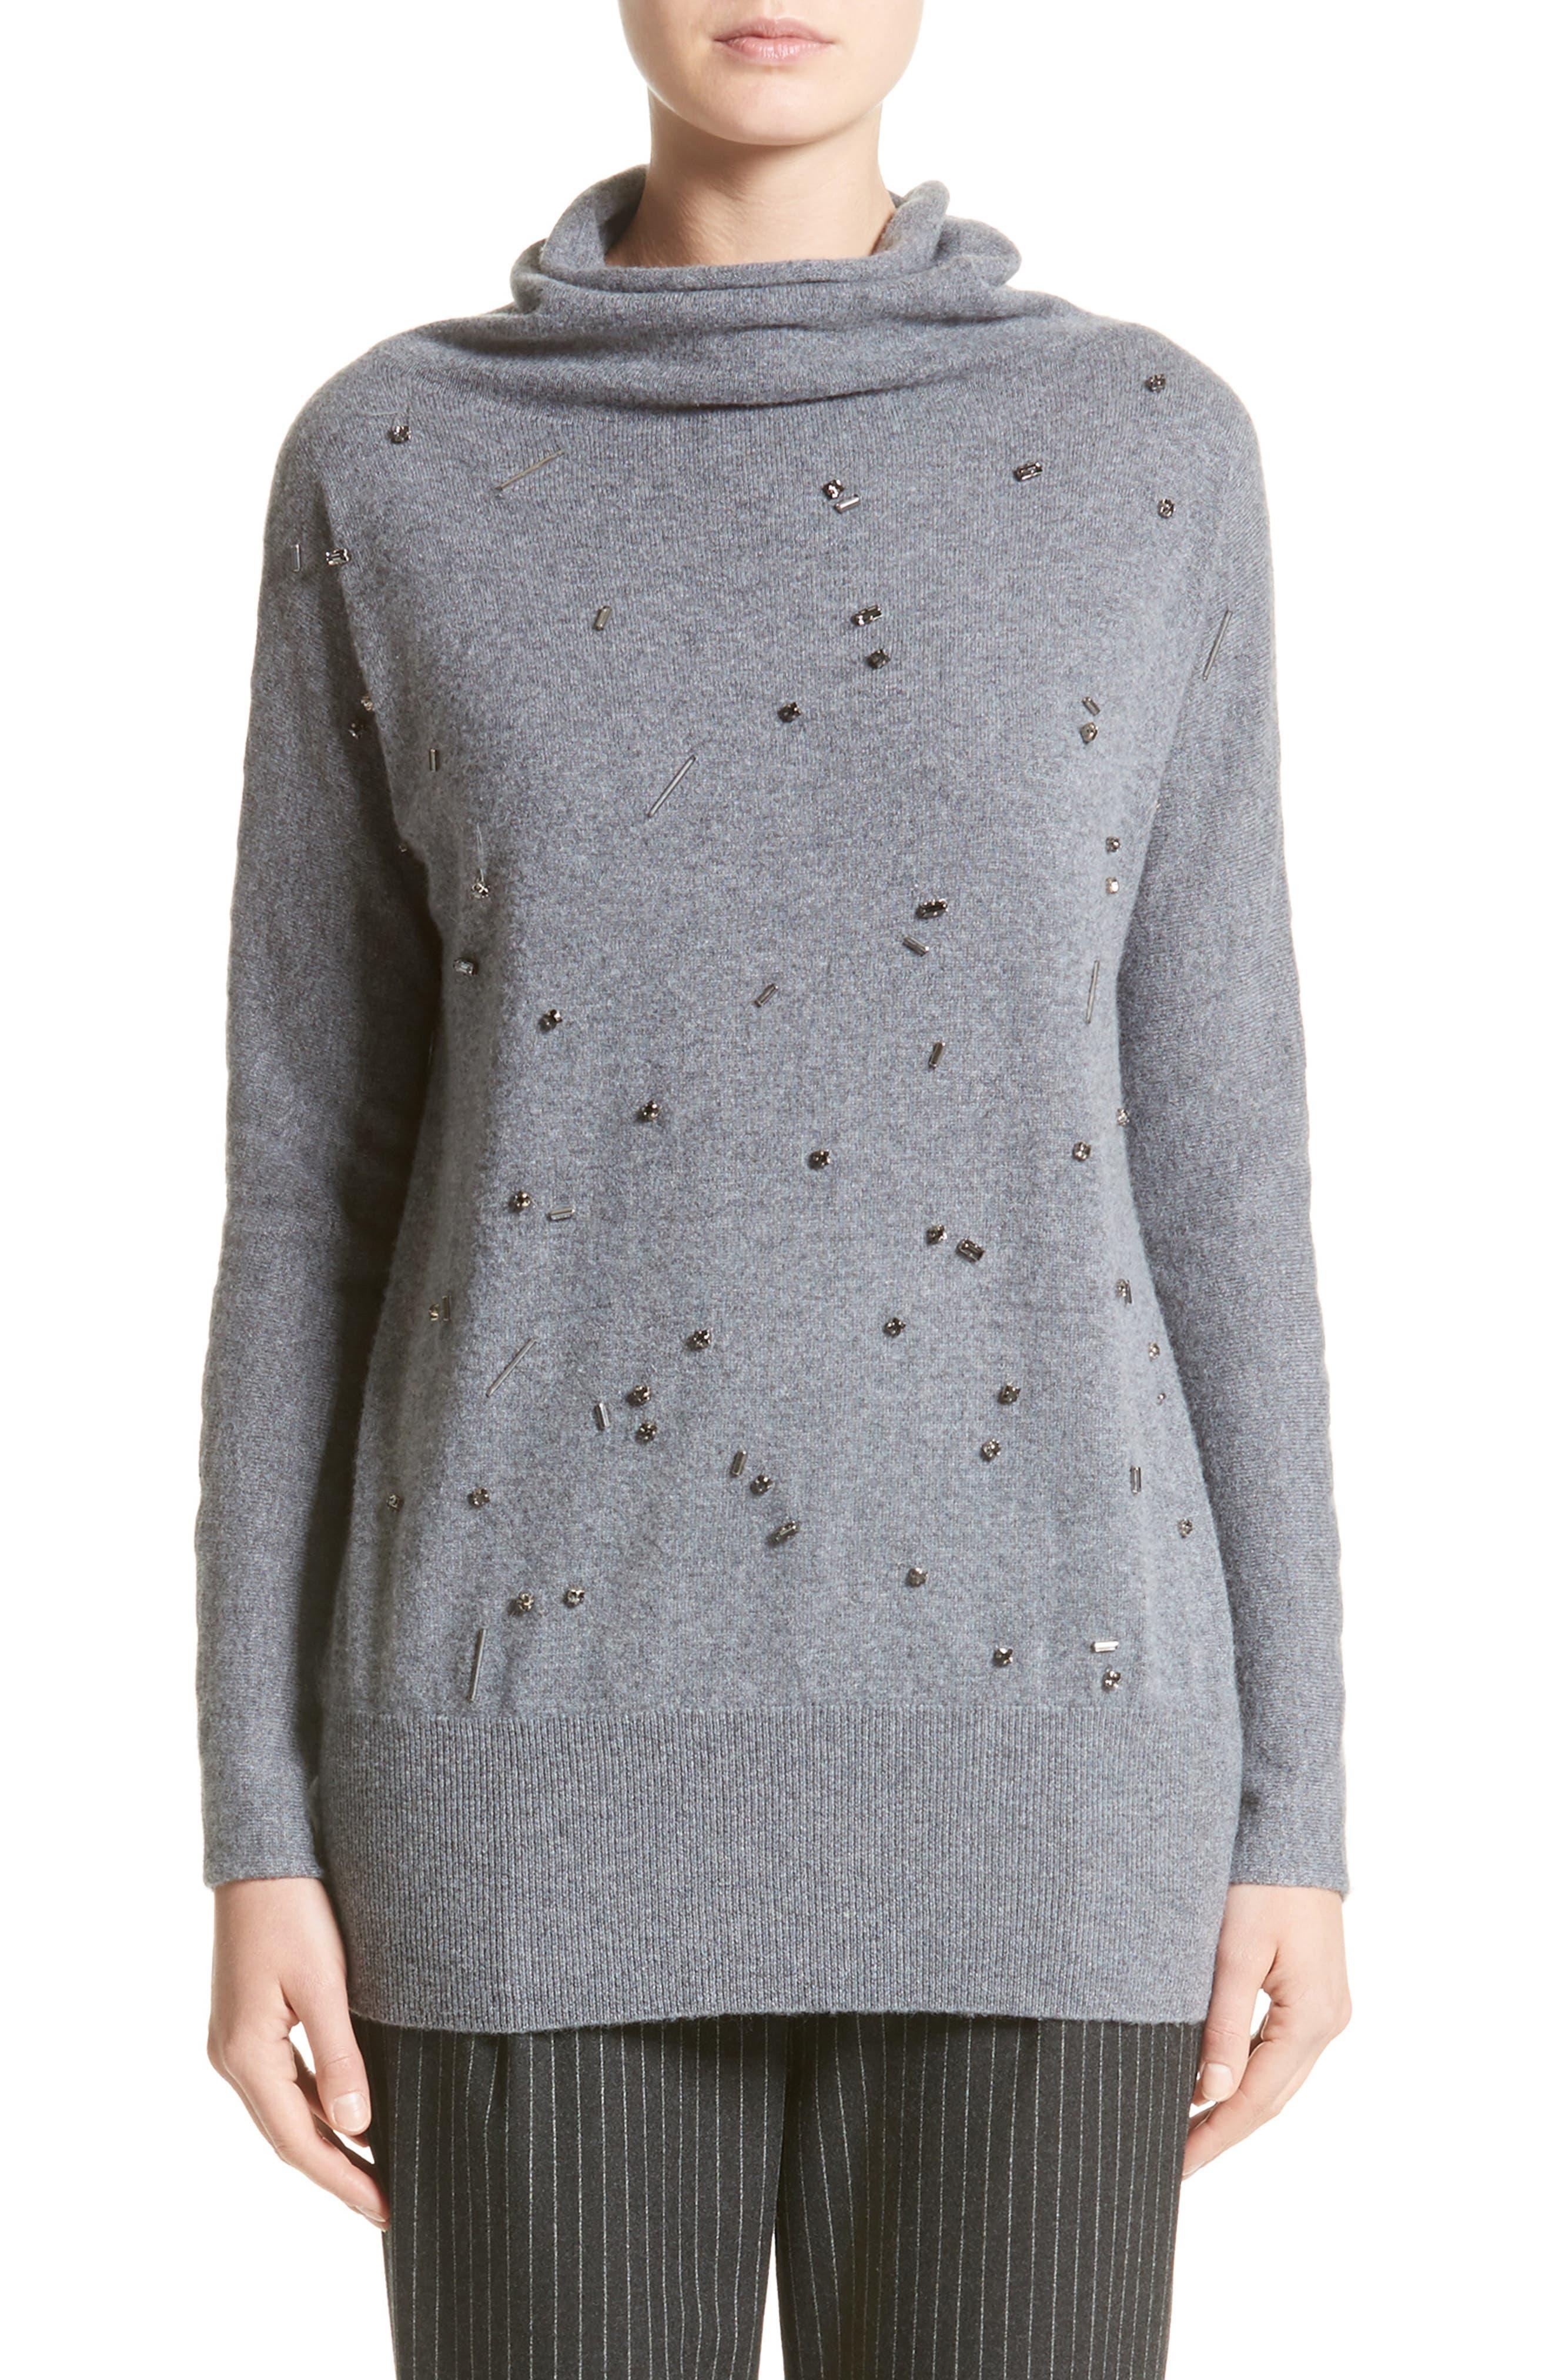 Embellished Cashmere Turtleneck Sweater,                         Main,                         color, Grey